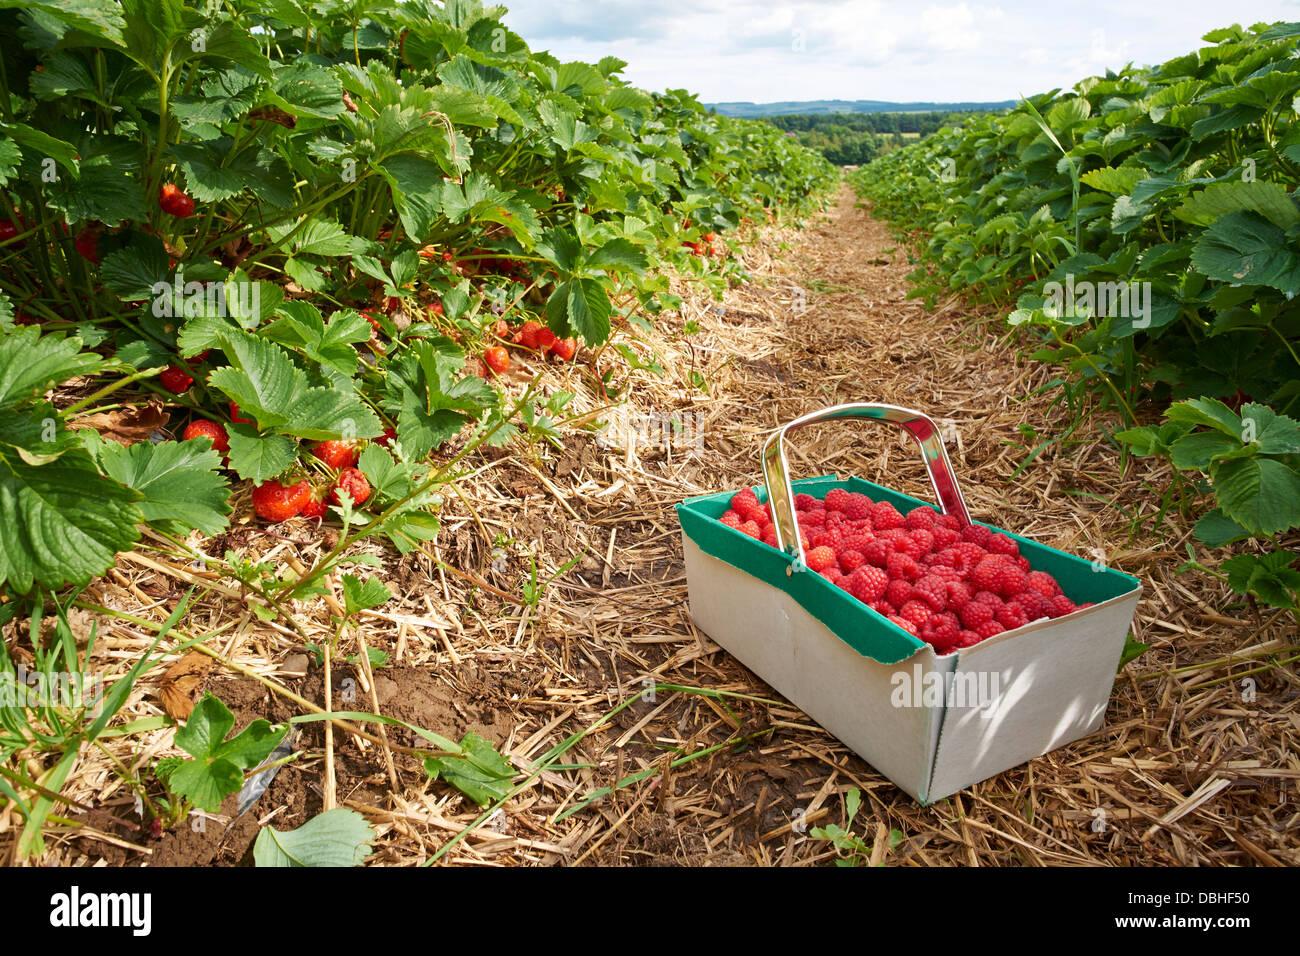 Mature di fragole fresche cresce a una fattoria di frutta Immagini Stock